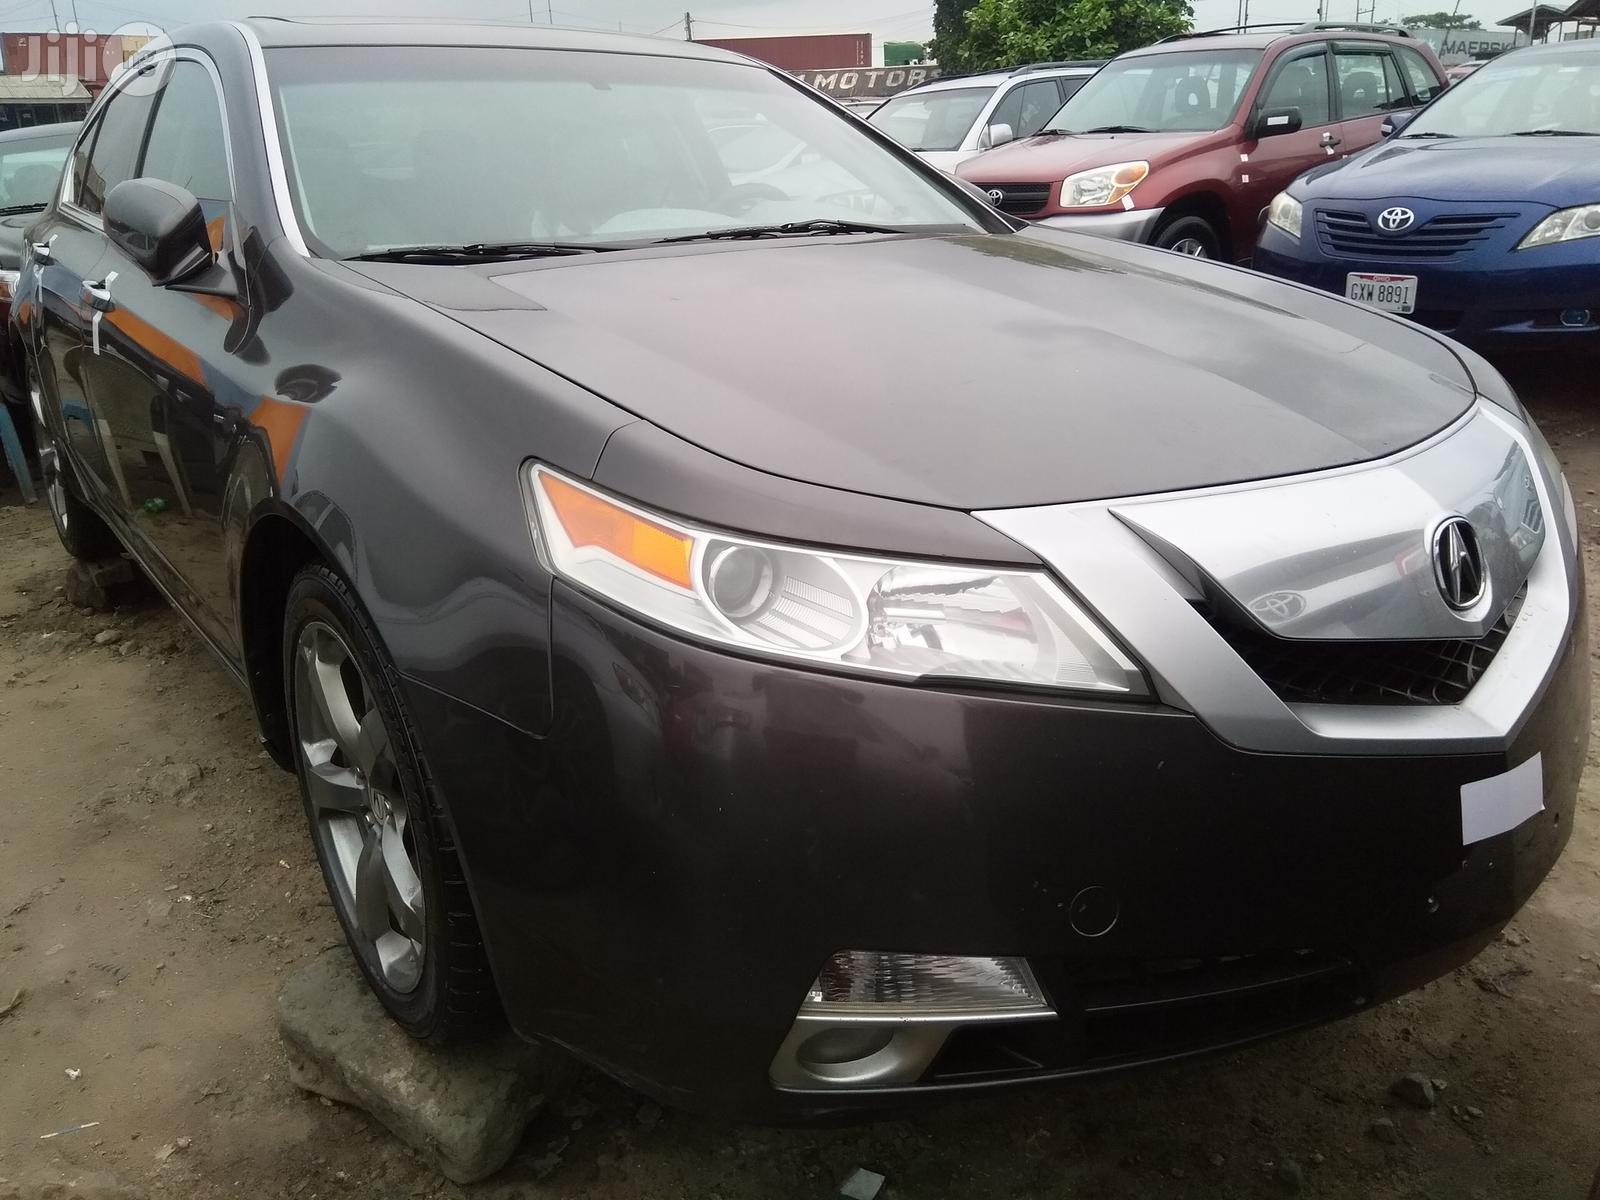 Archive Acura Tl 2011 Black In Ajah Cars Obj Automobile Gmi Jiji Ng